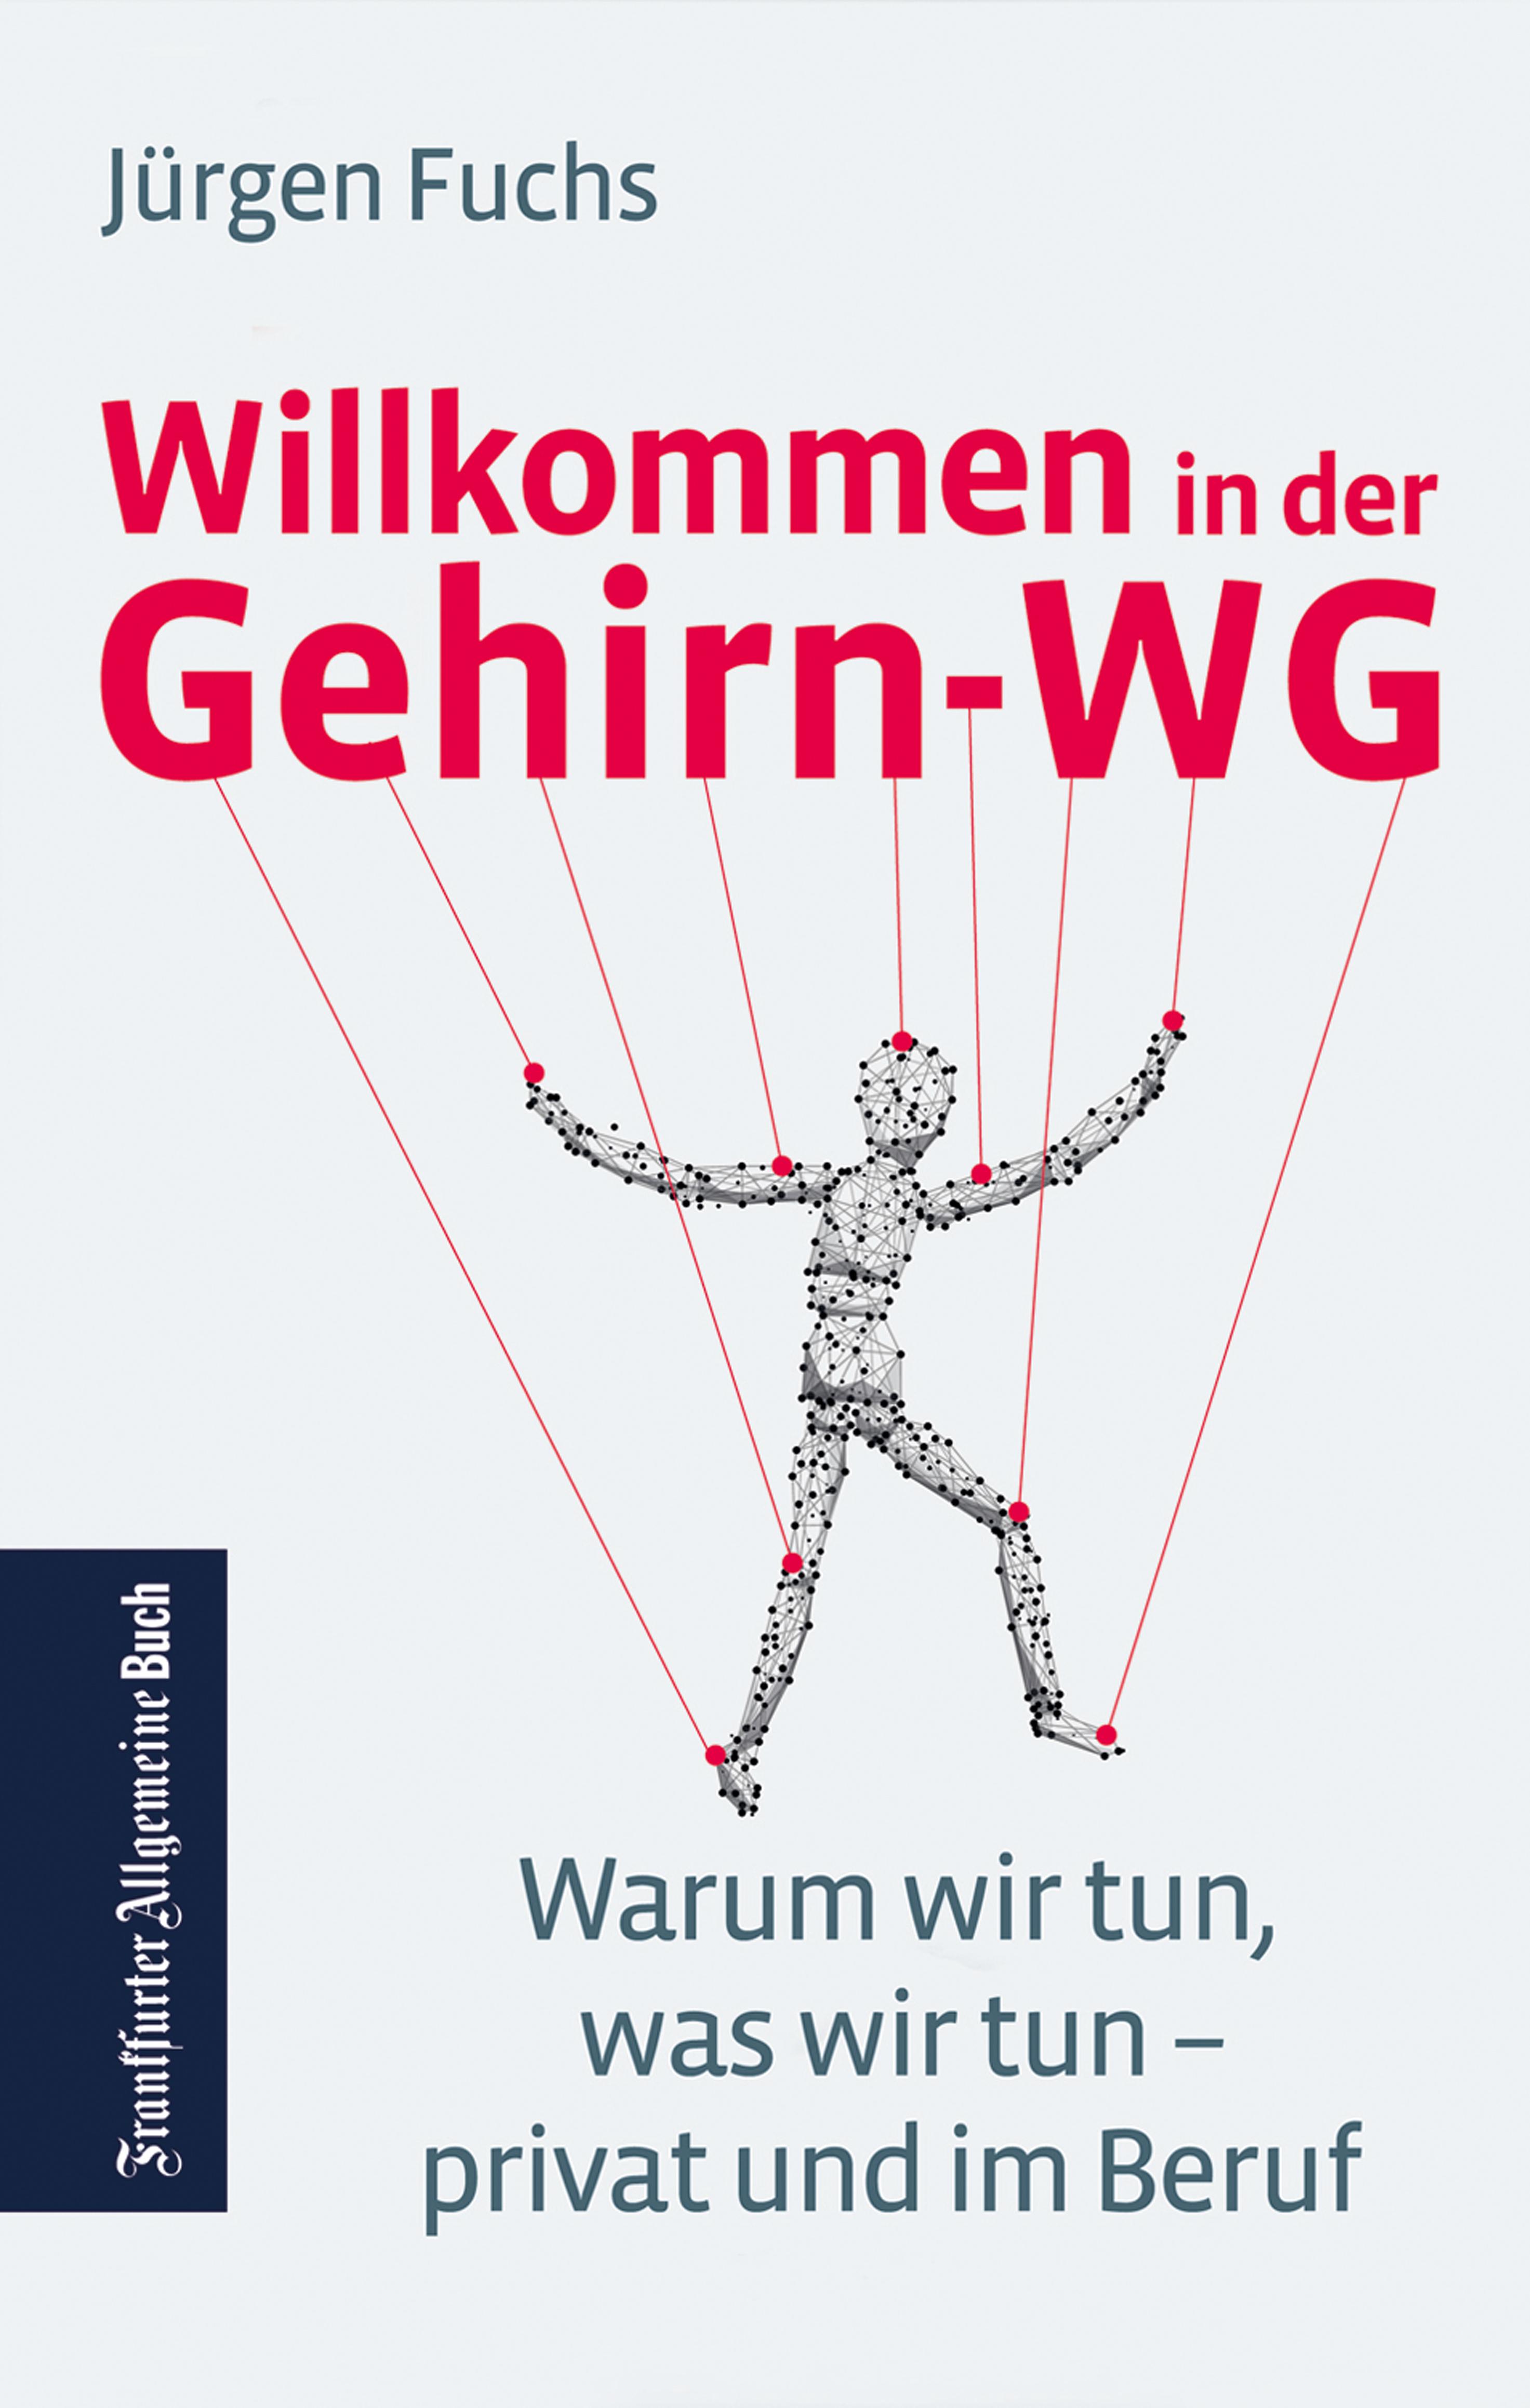 Willkommen in der Gehirn-WG_978-3-96251-001-5